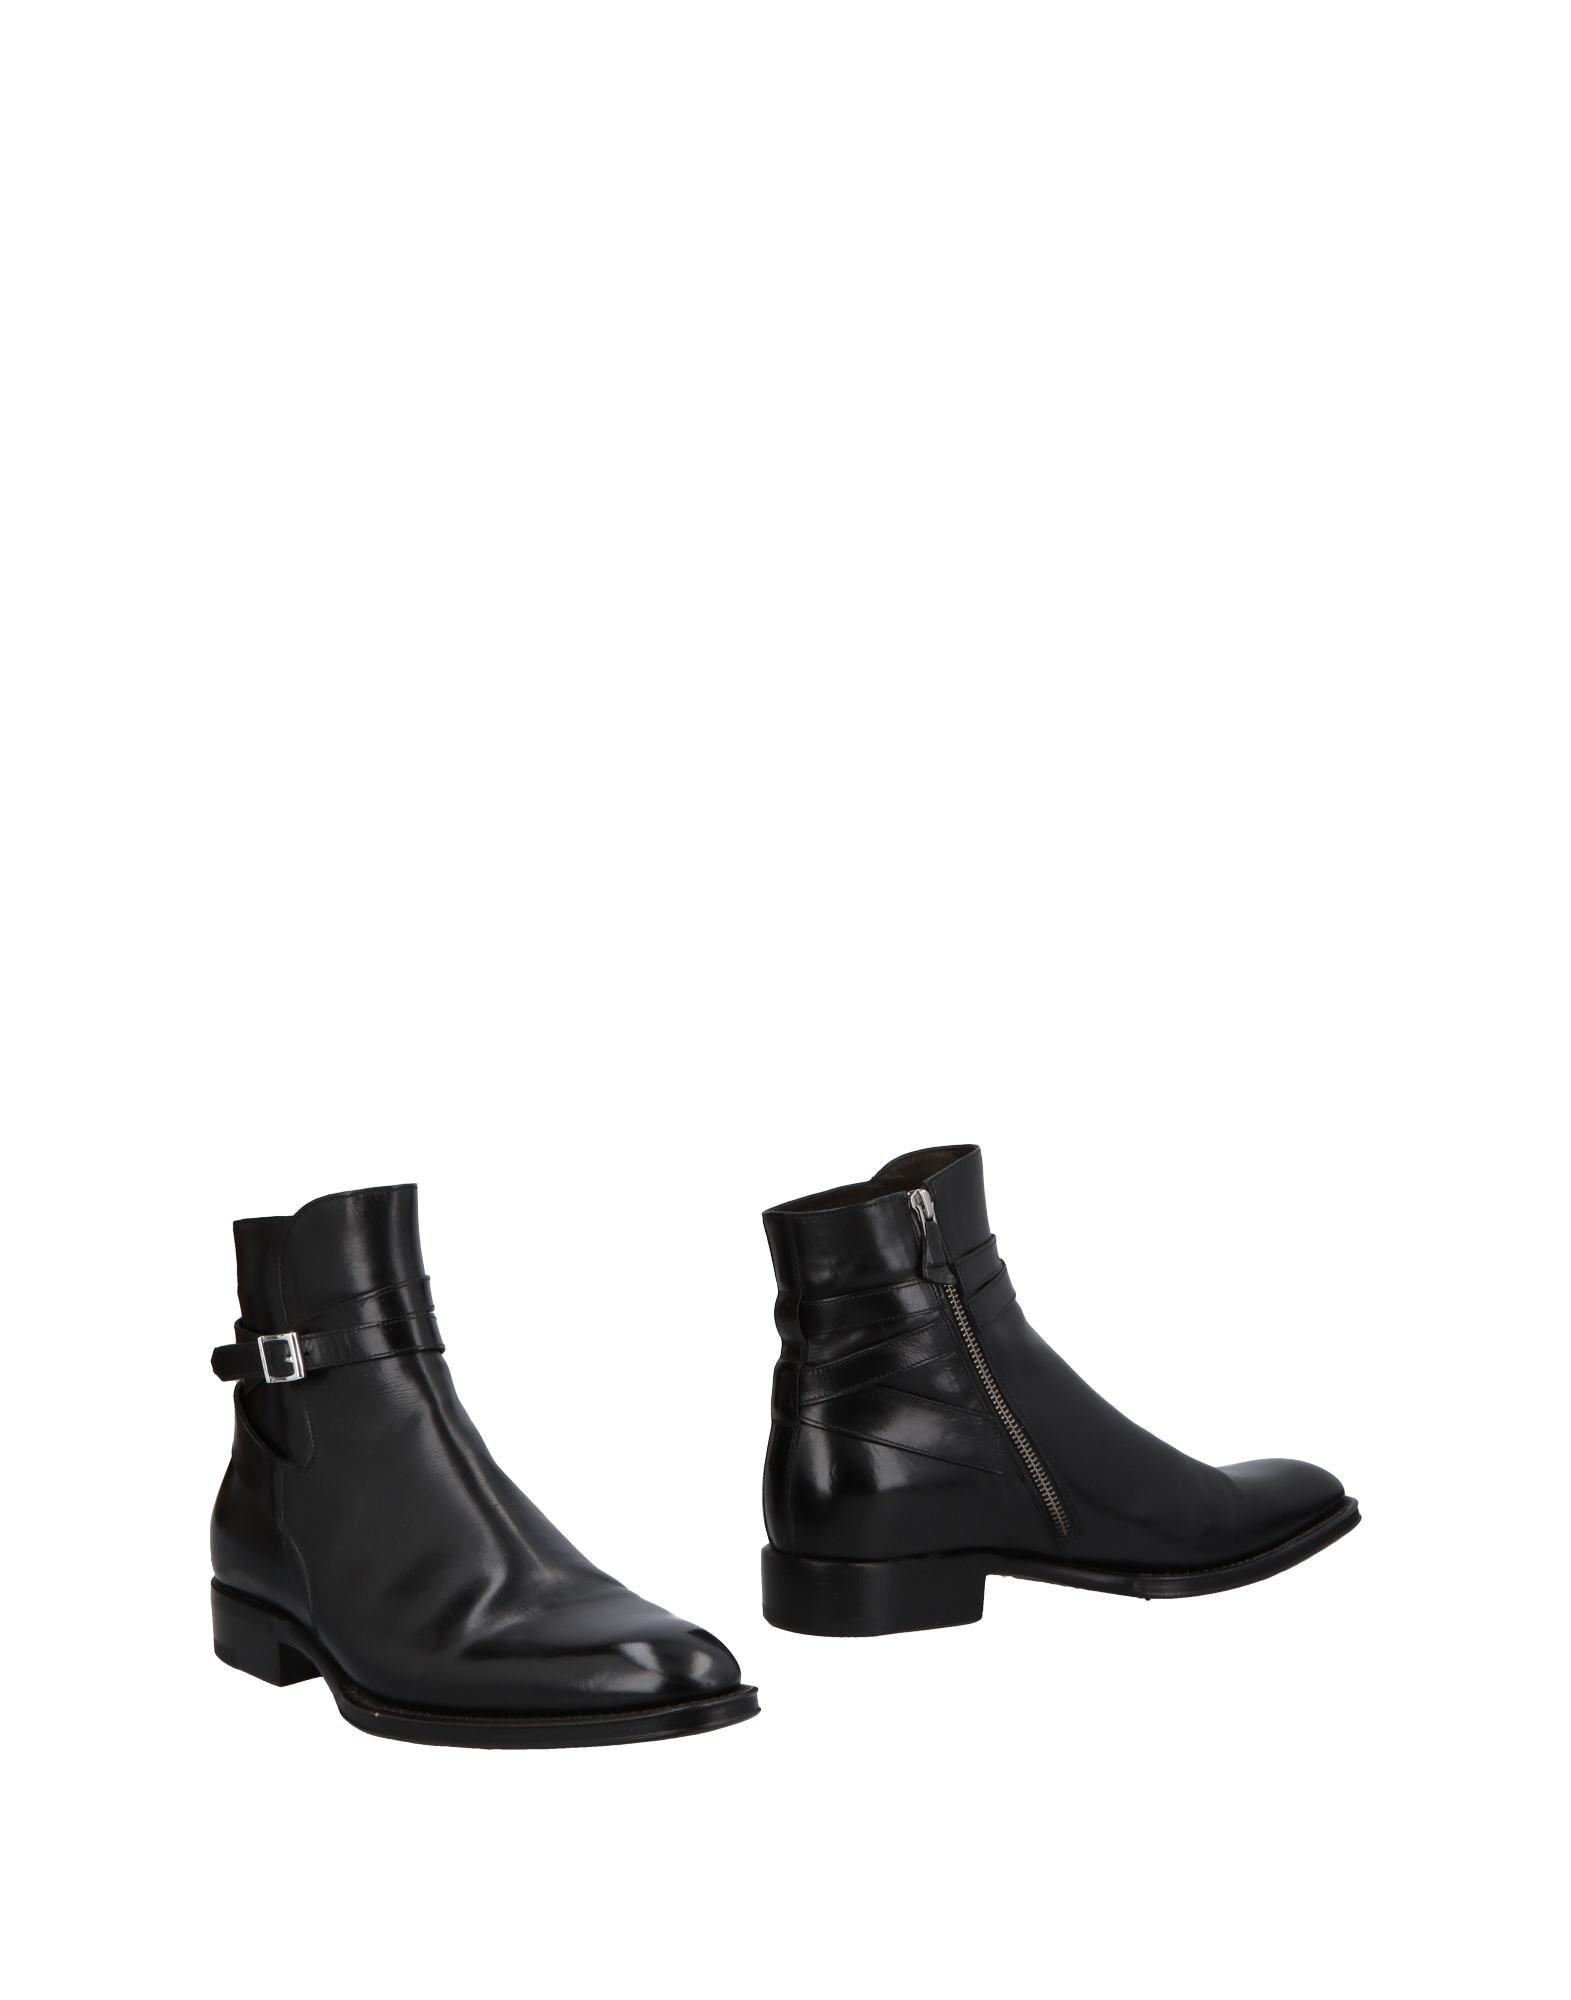 DAMY Полусапоги и высокие ботинки ботинки swims ботинки без каблука